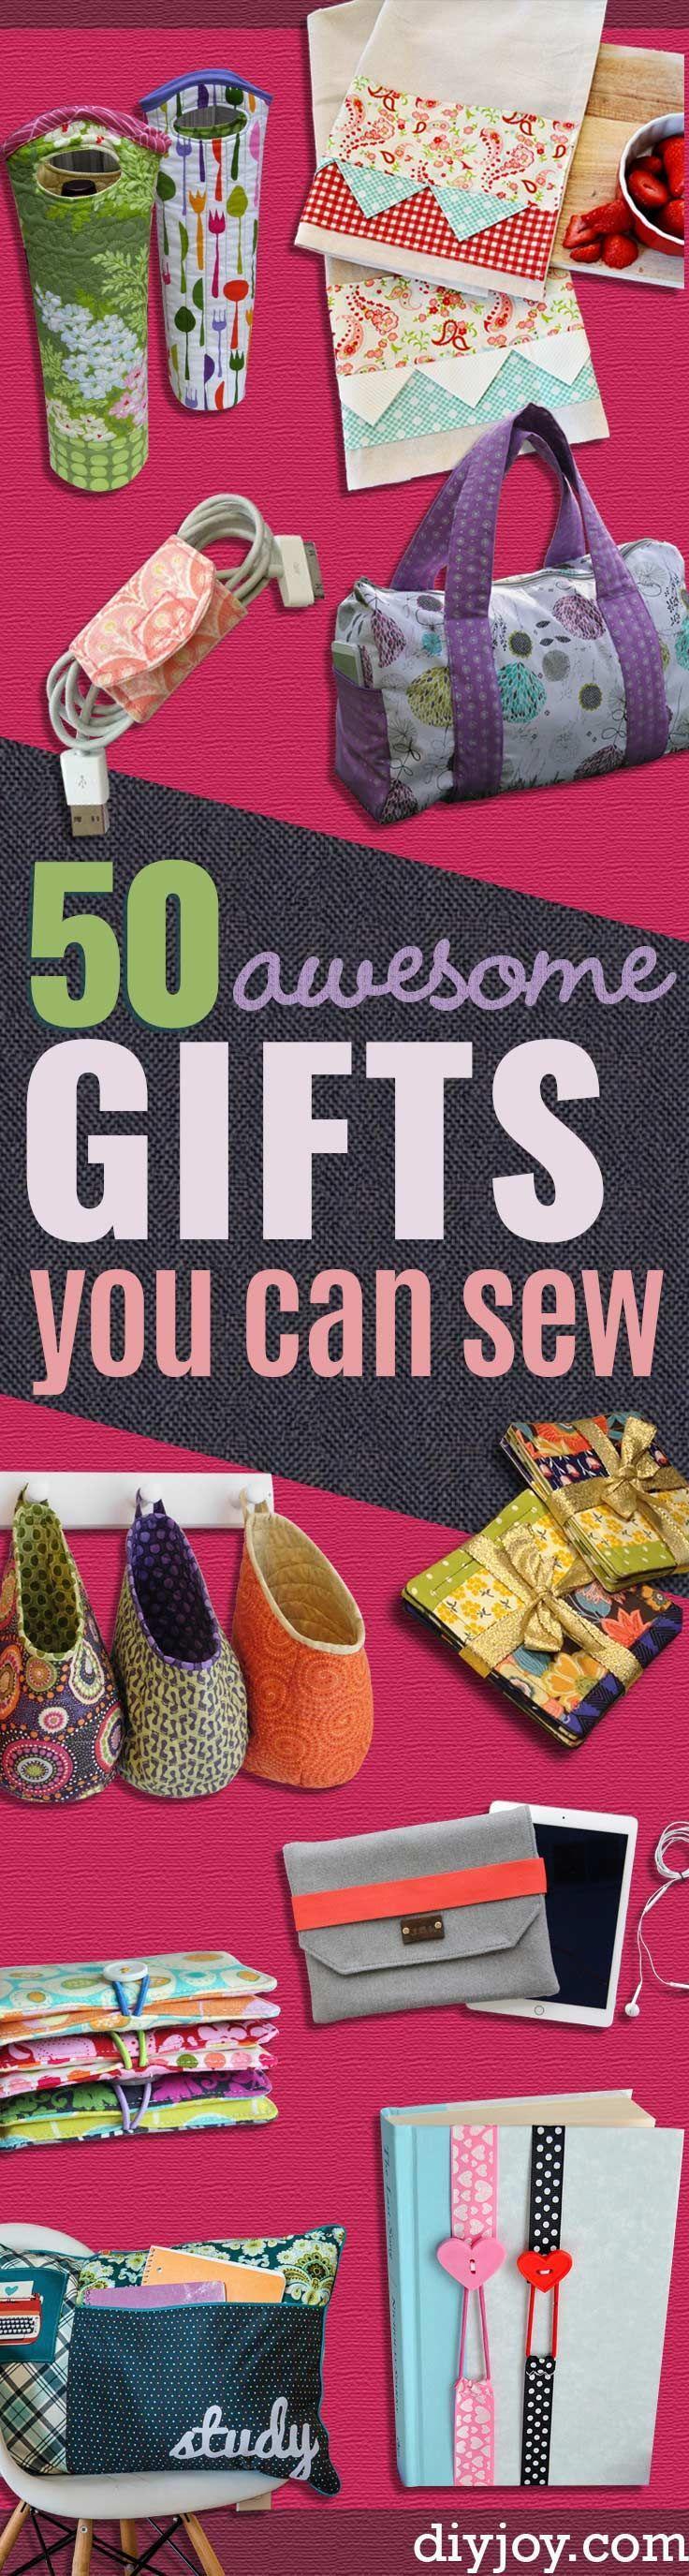 die besten 25 jugendliche geschenke ideen auf pinterest jugendliche geburtstag geschenke. Black Bedroom Furniture Sets. Home Design Ideas